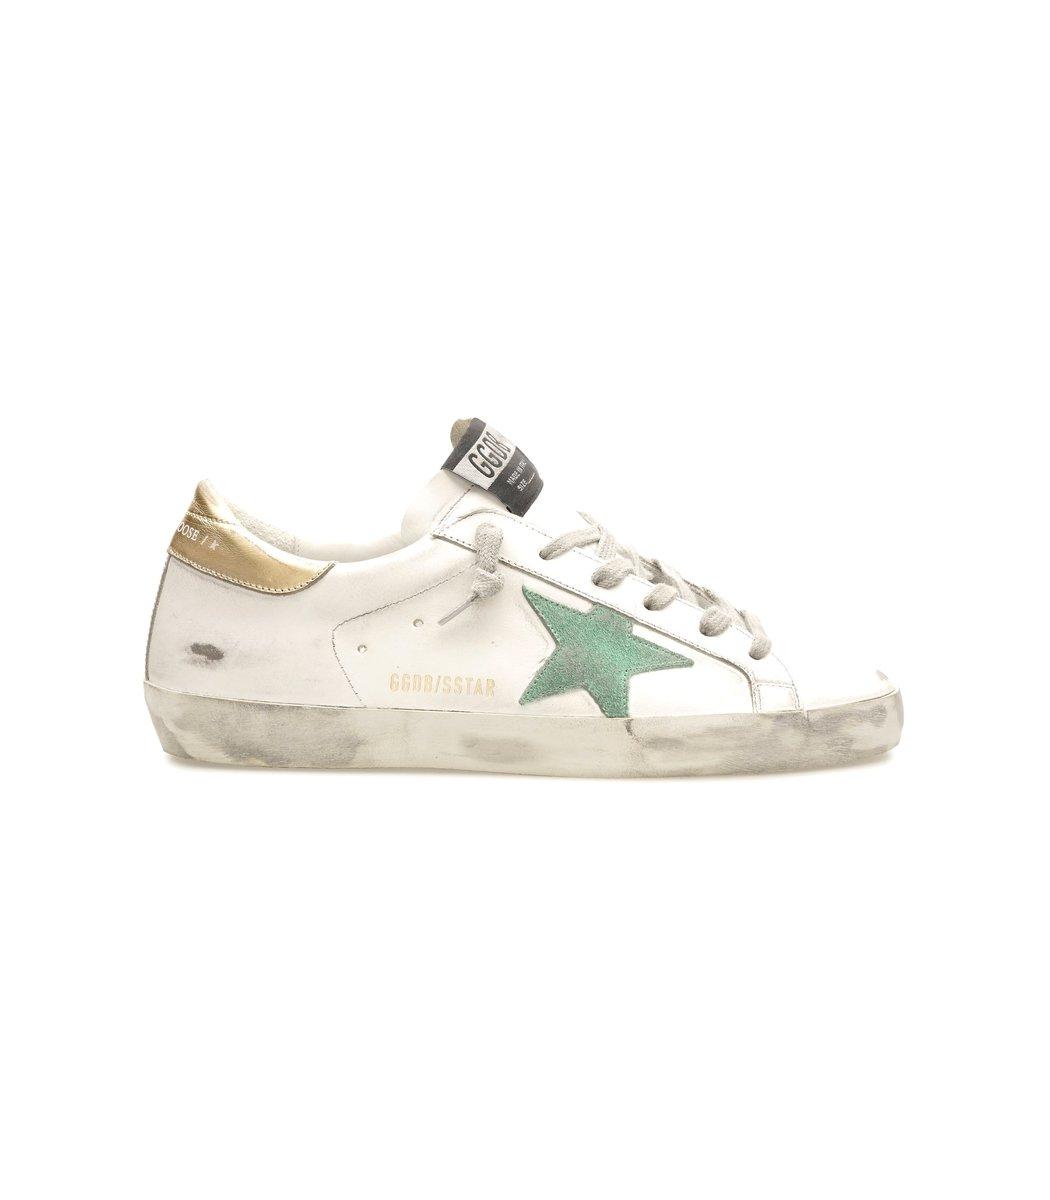 Golden Goose Superstar Sneaker in White/Green/Gold